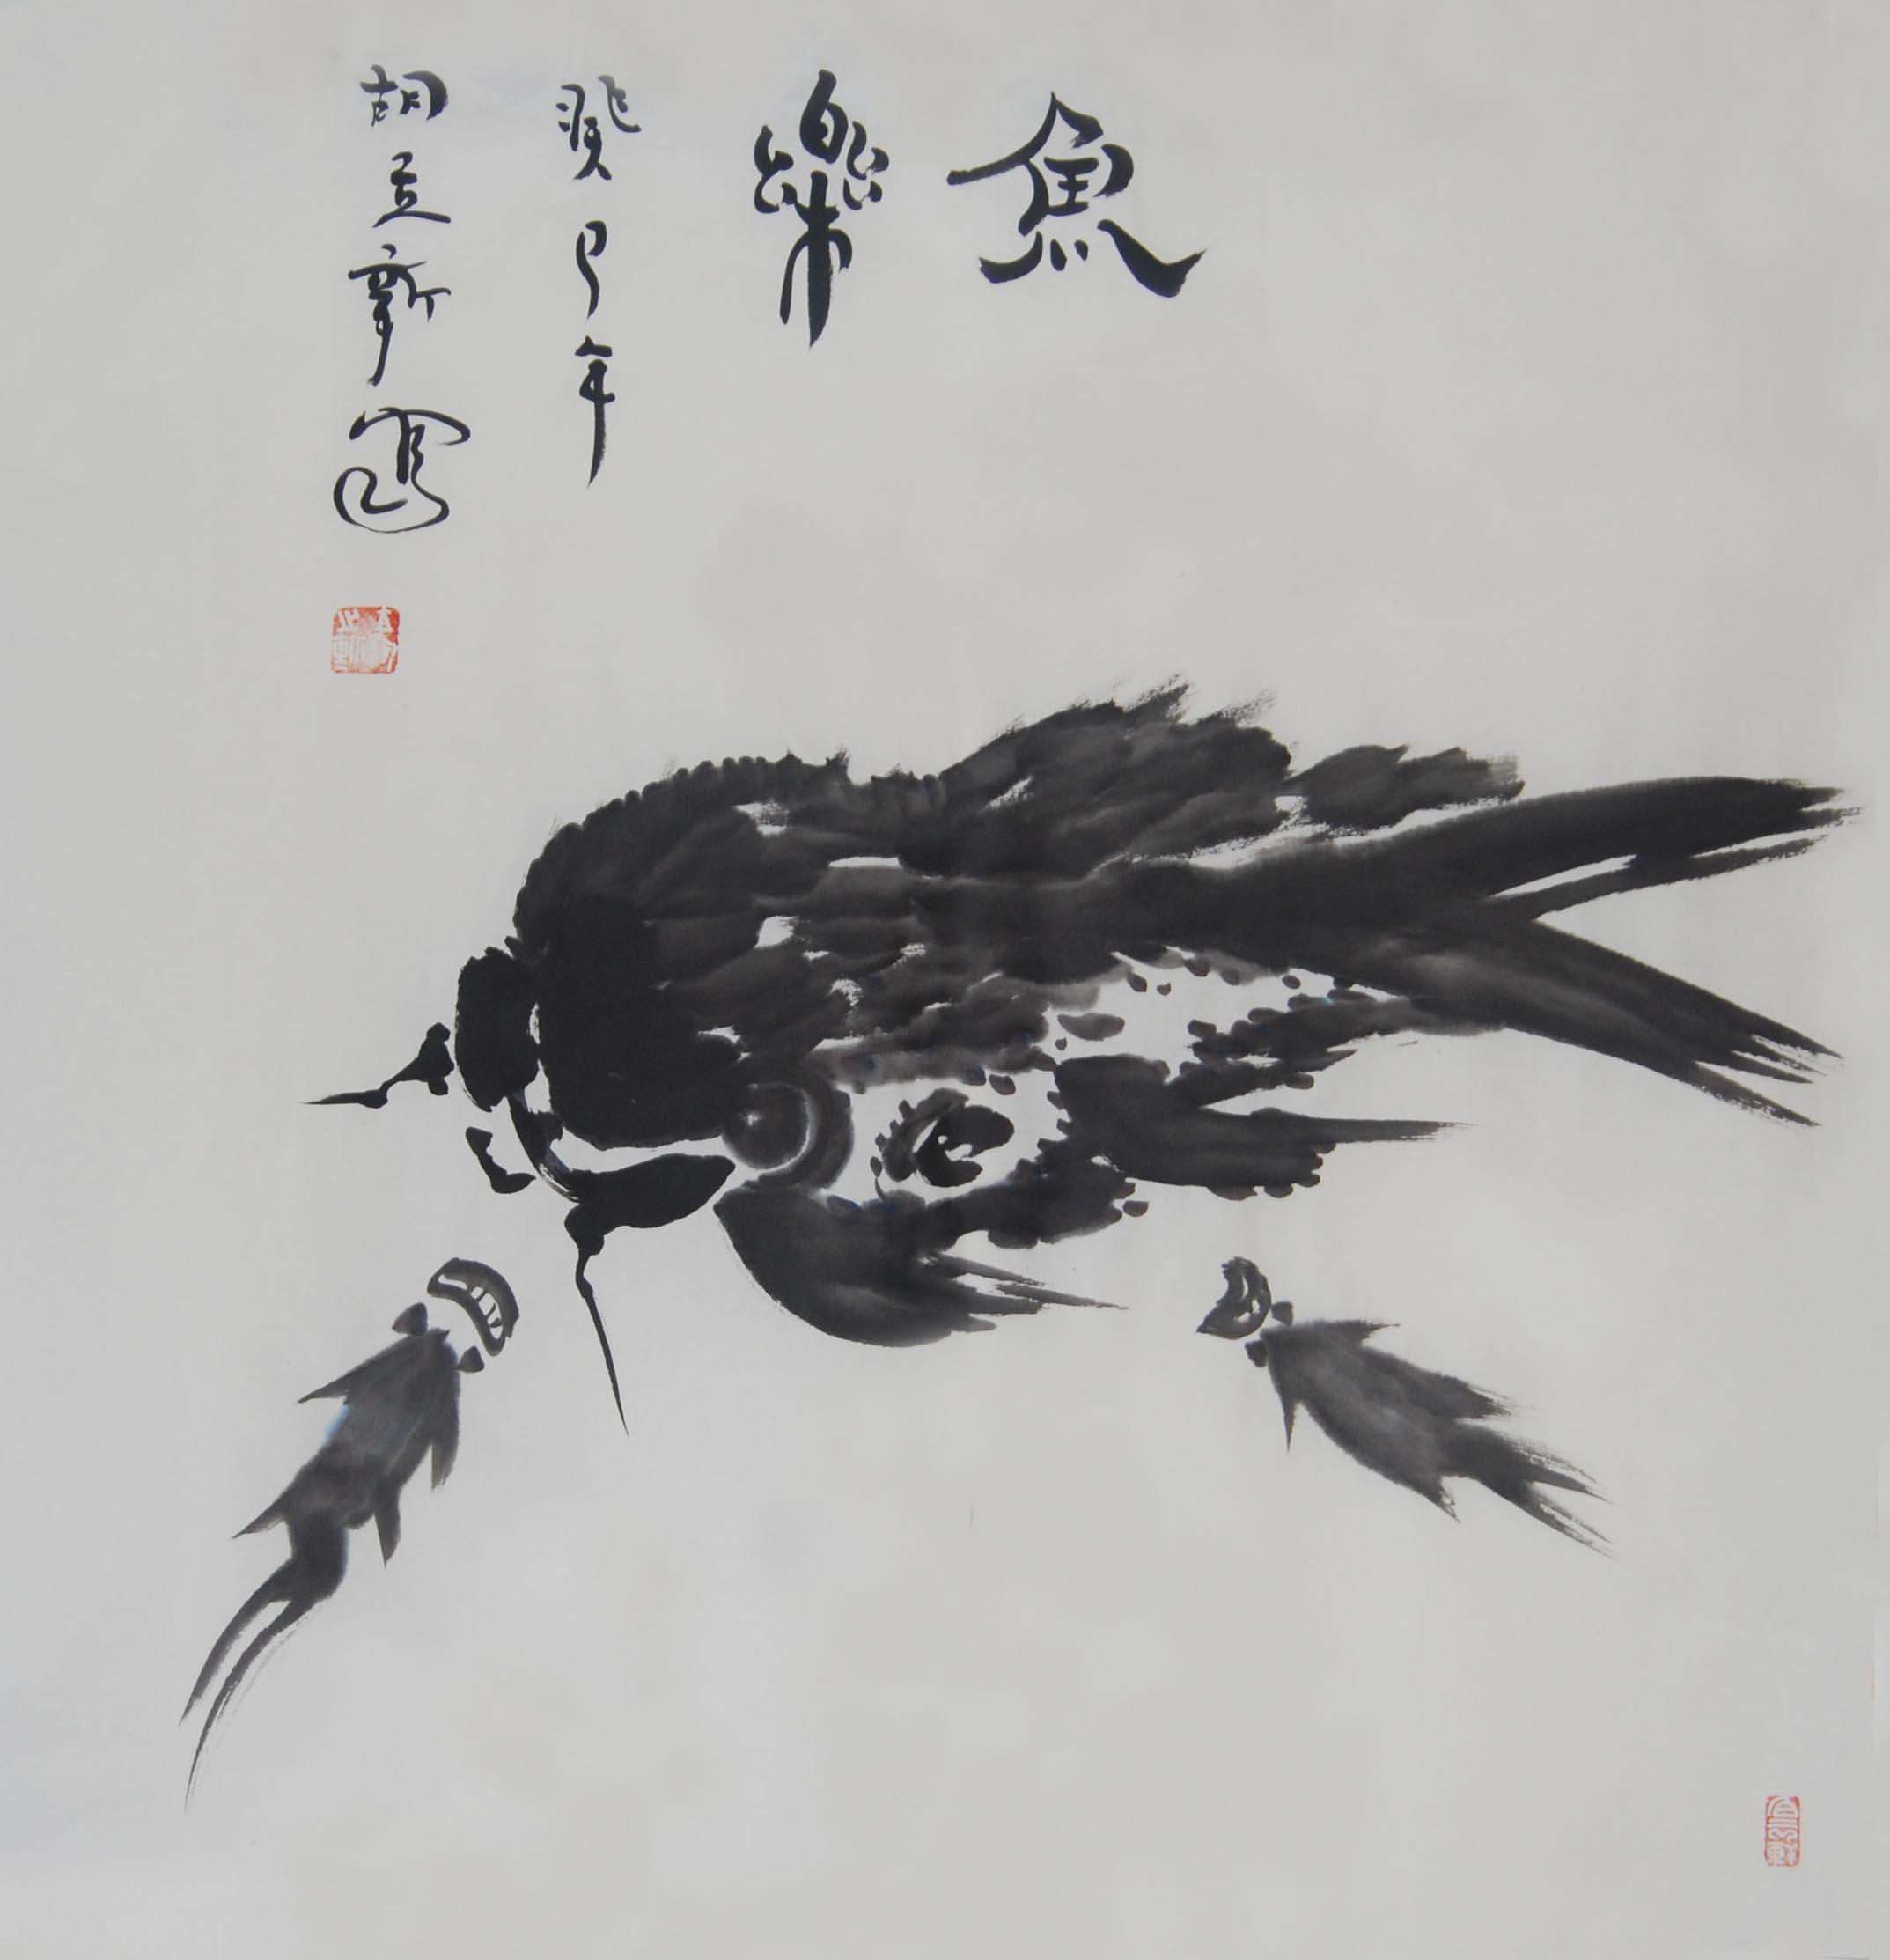 胡立新居士水墨写意画——鱼乐